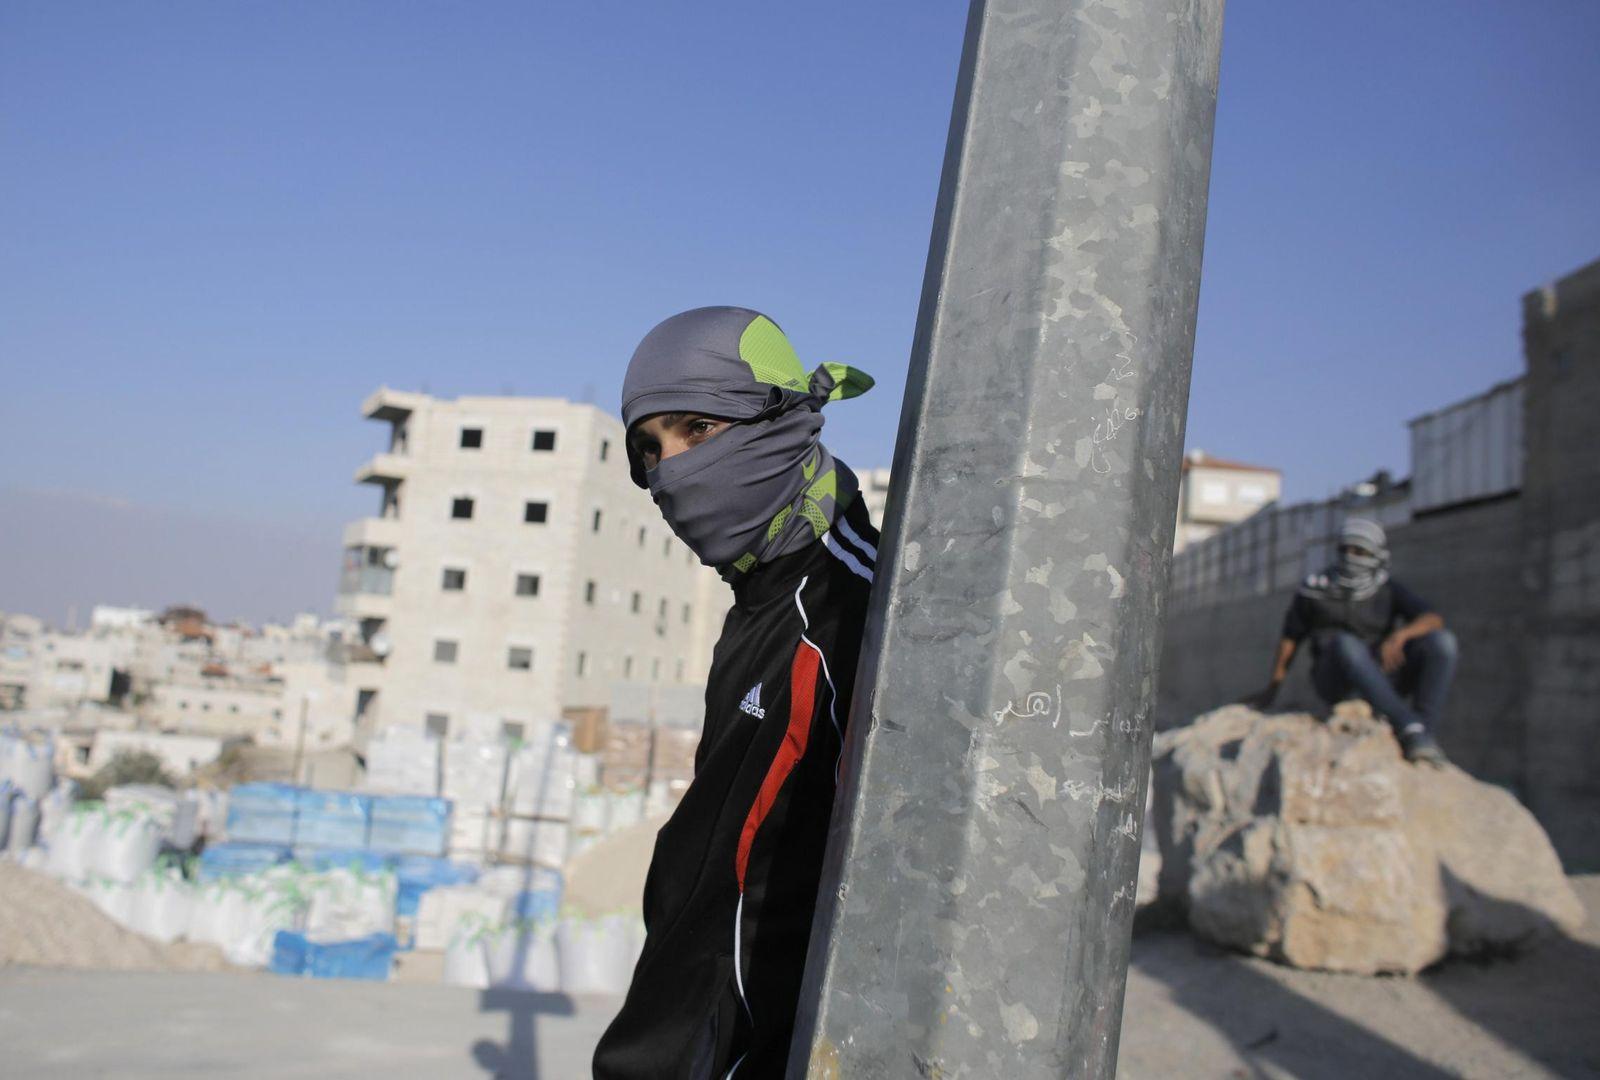 Foto: Un palestino que arroja piedras a la policía israelí se cubre tras un poste durante choques en el barrio de Issawiya. (Reuters)